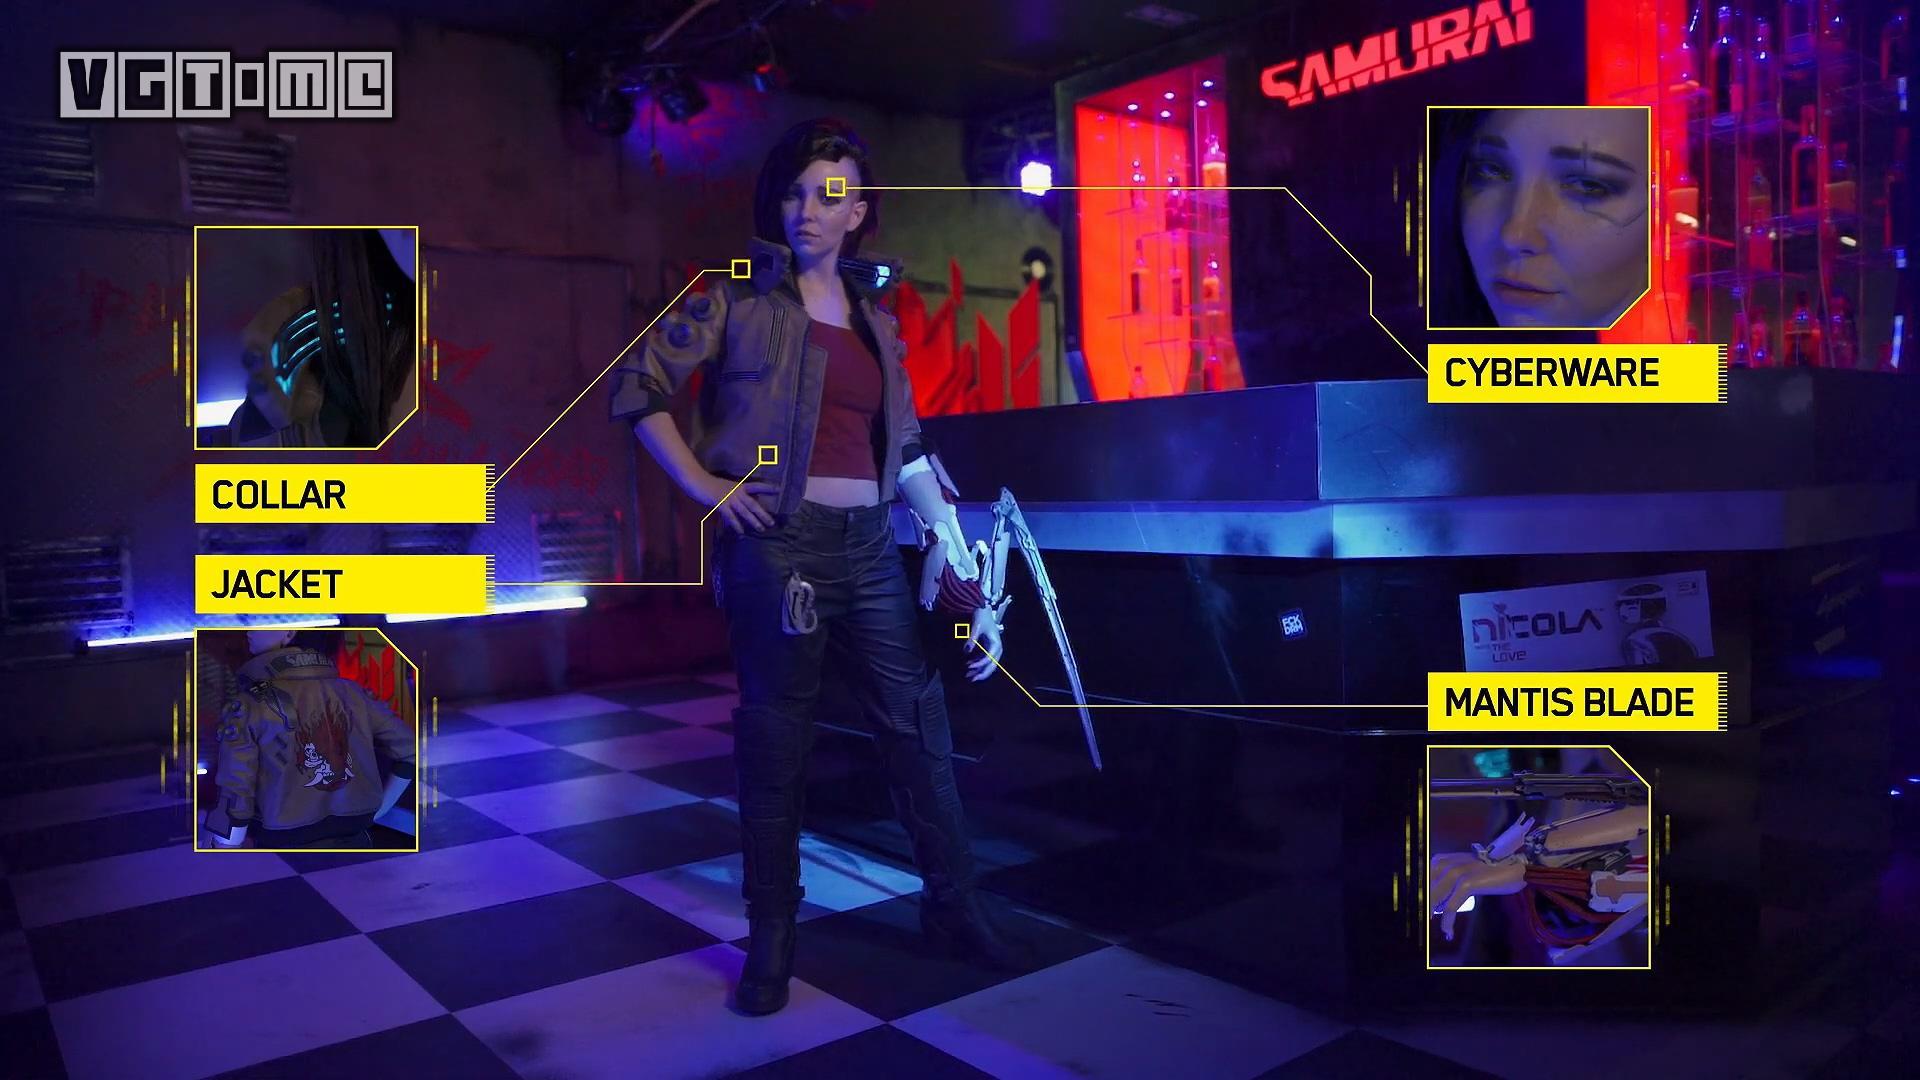 《赛博朋克2077》官方cosplay比赛的获胜者展示,服化道可太棒了